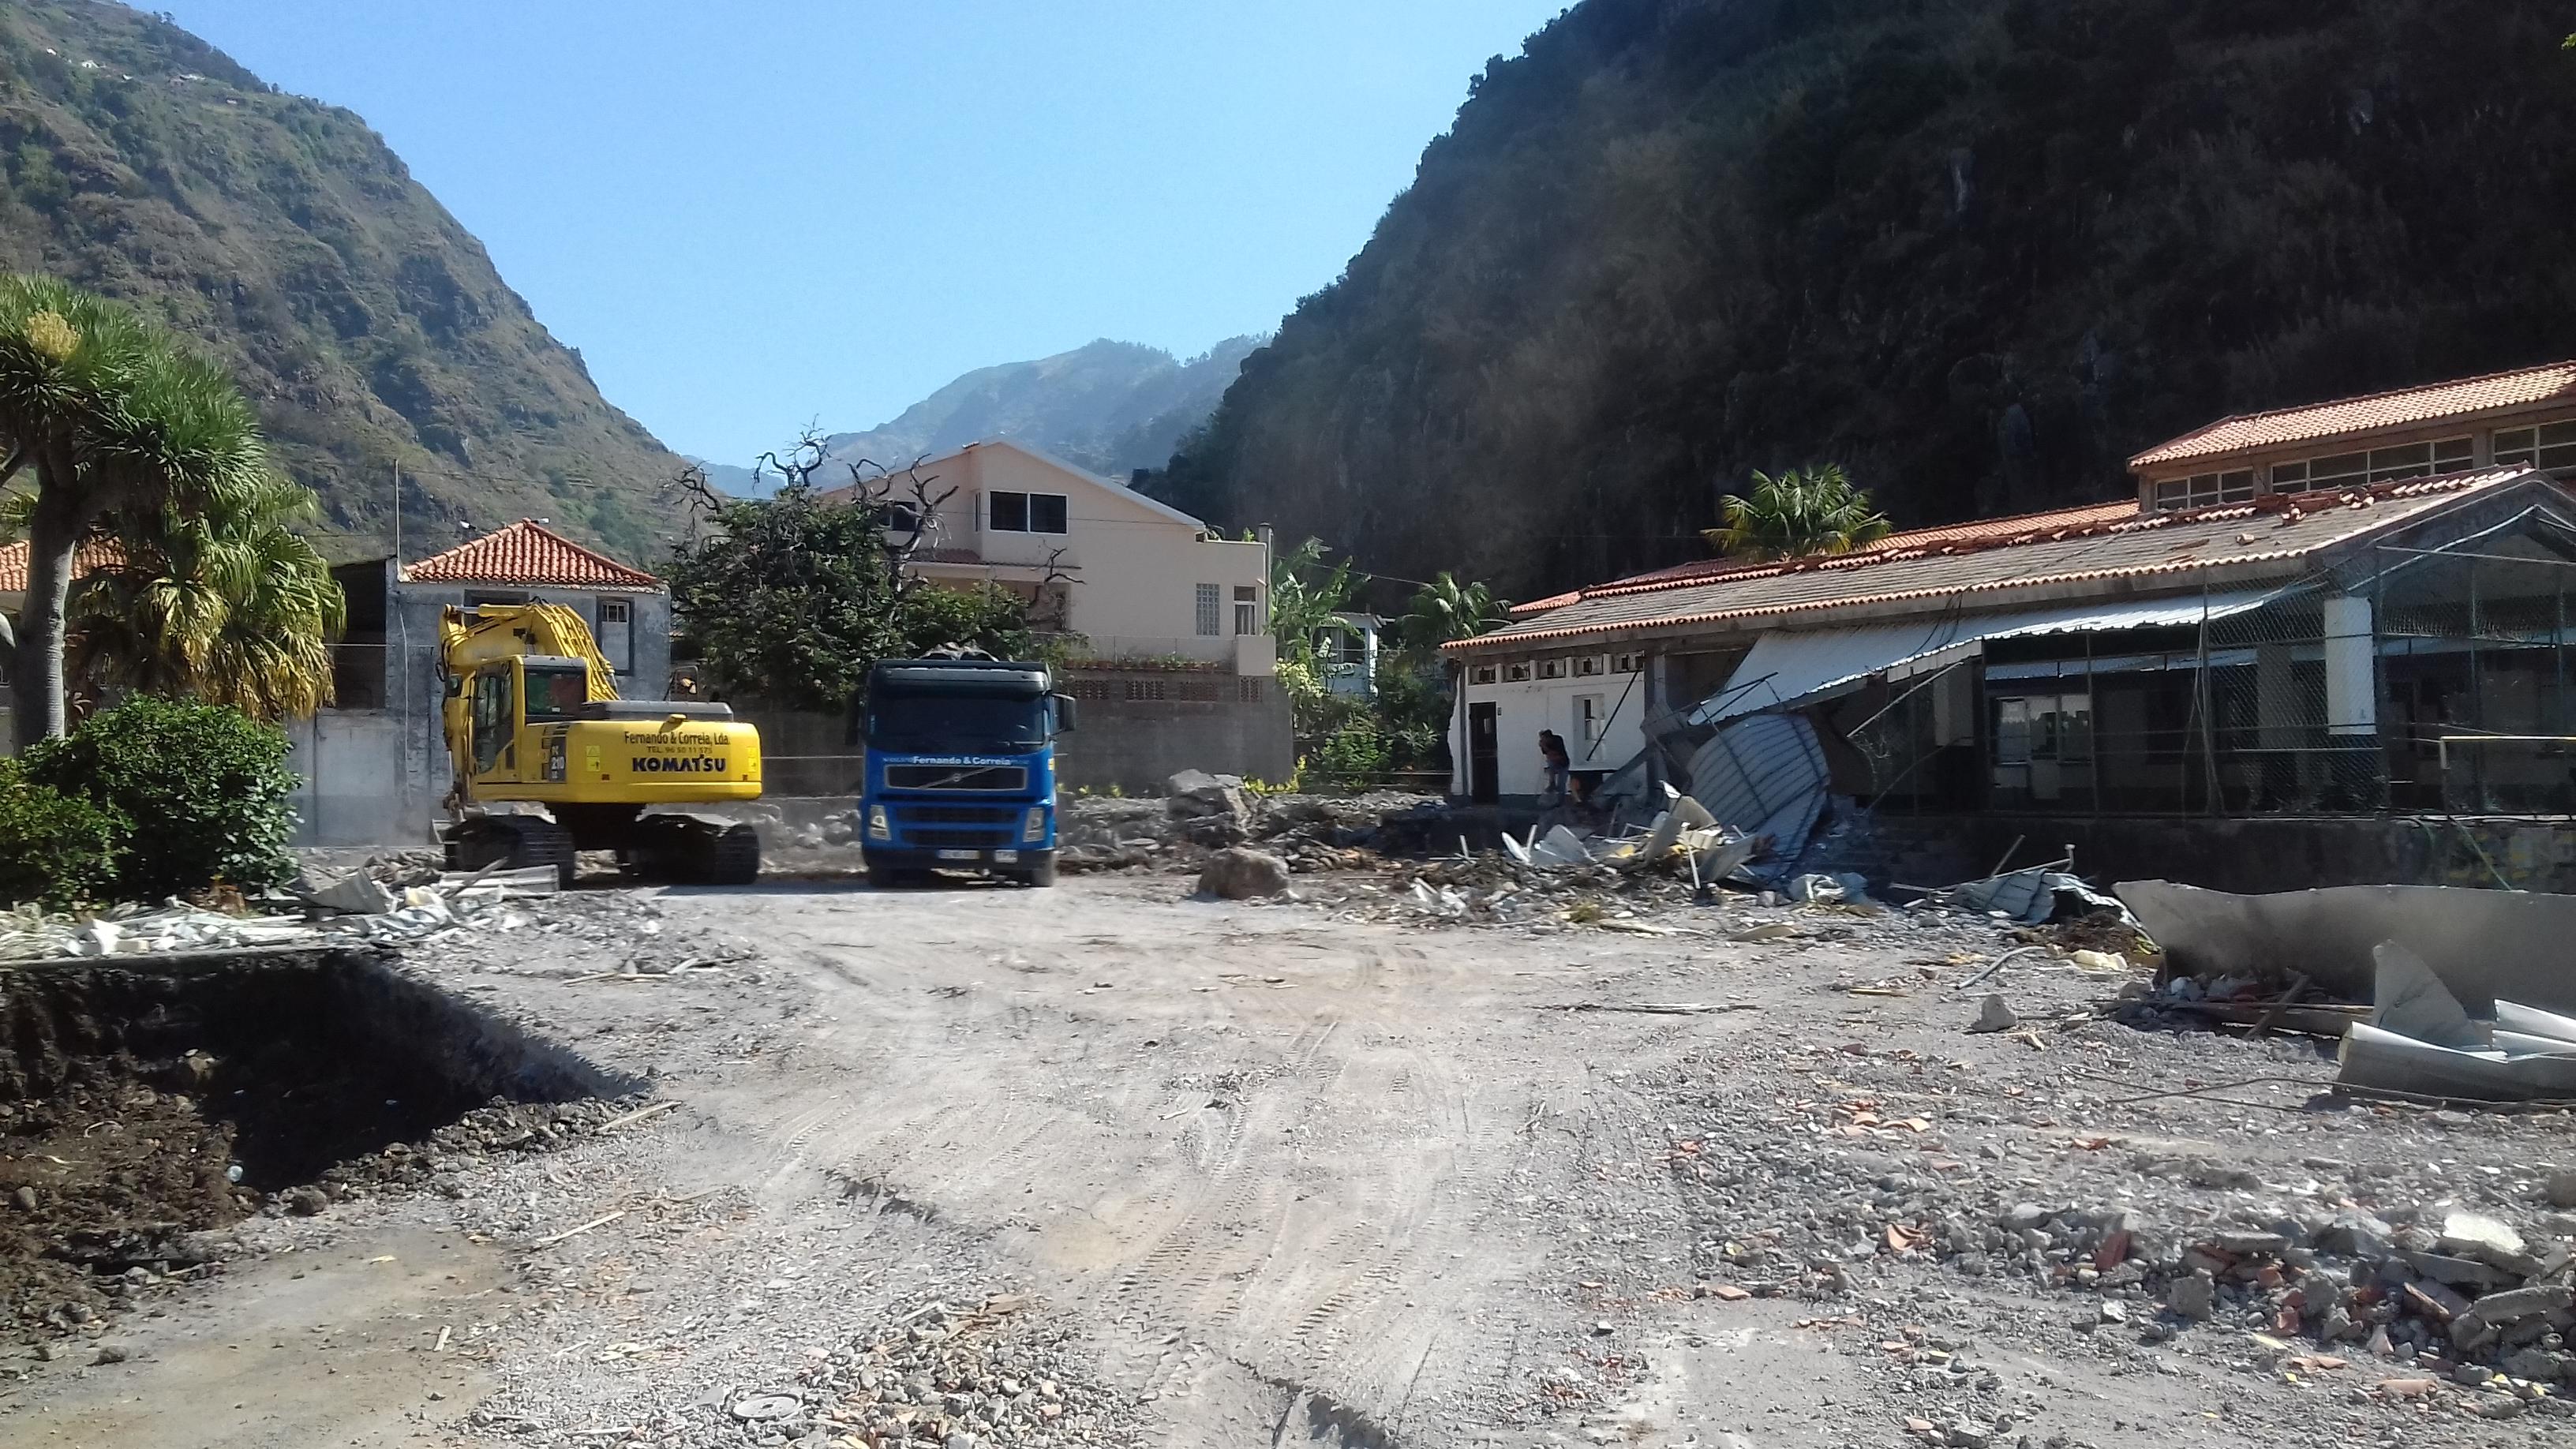 Obras decorrem a bom ritmo na futura escola da Ribeira Brava